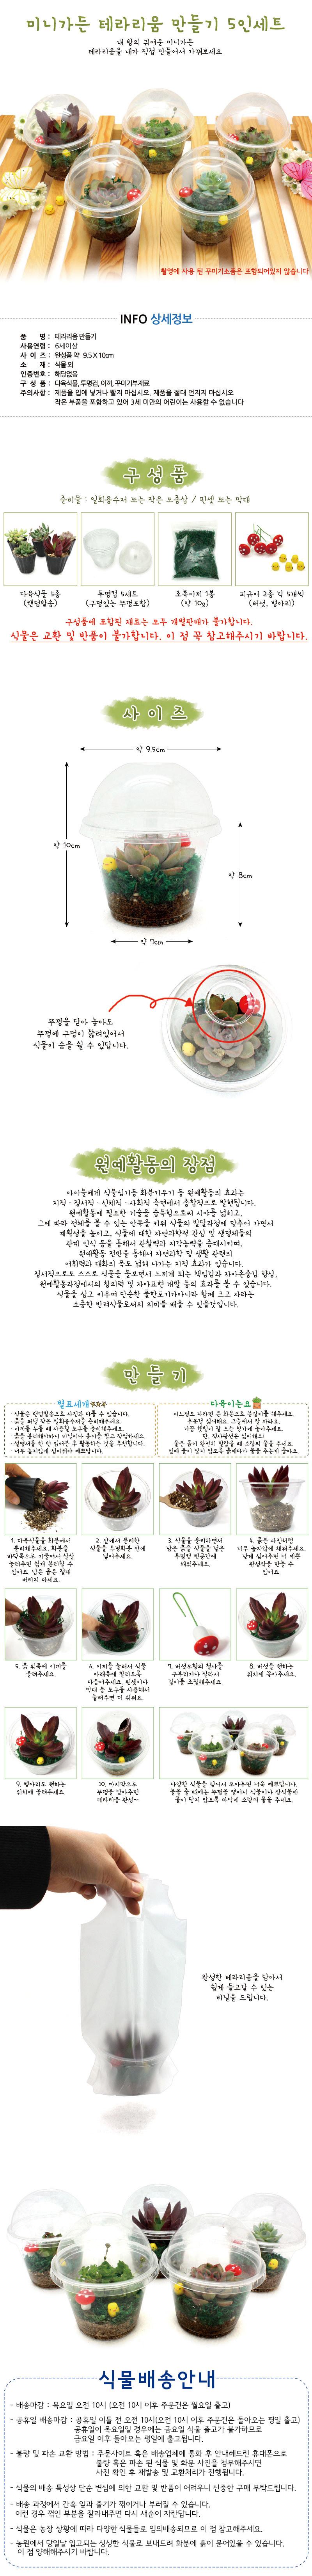 미니가든 테라리움 만들기 (5인세트) - 에코키즈, 20,000원, 허브/다육/선인장, 다육/선인장